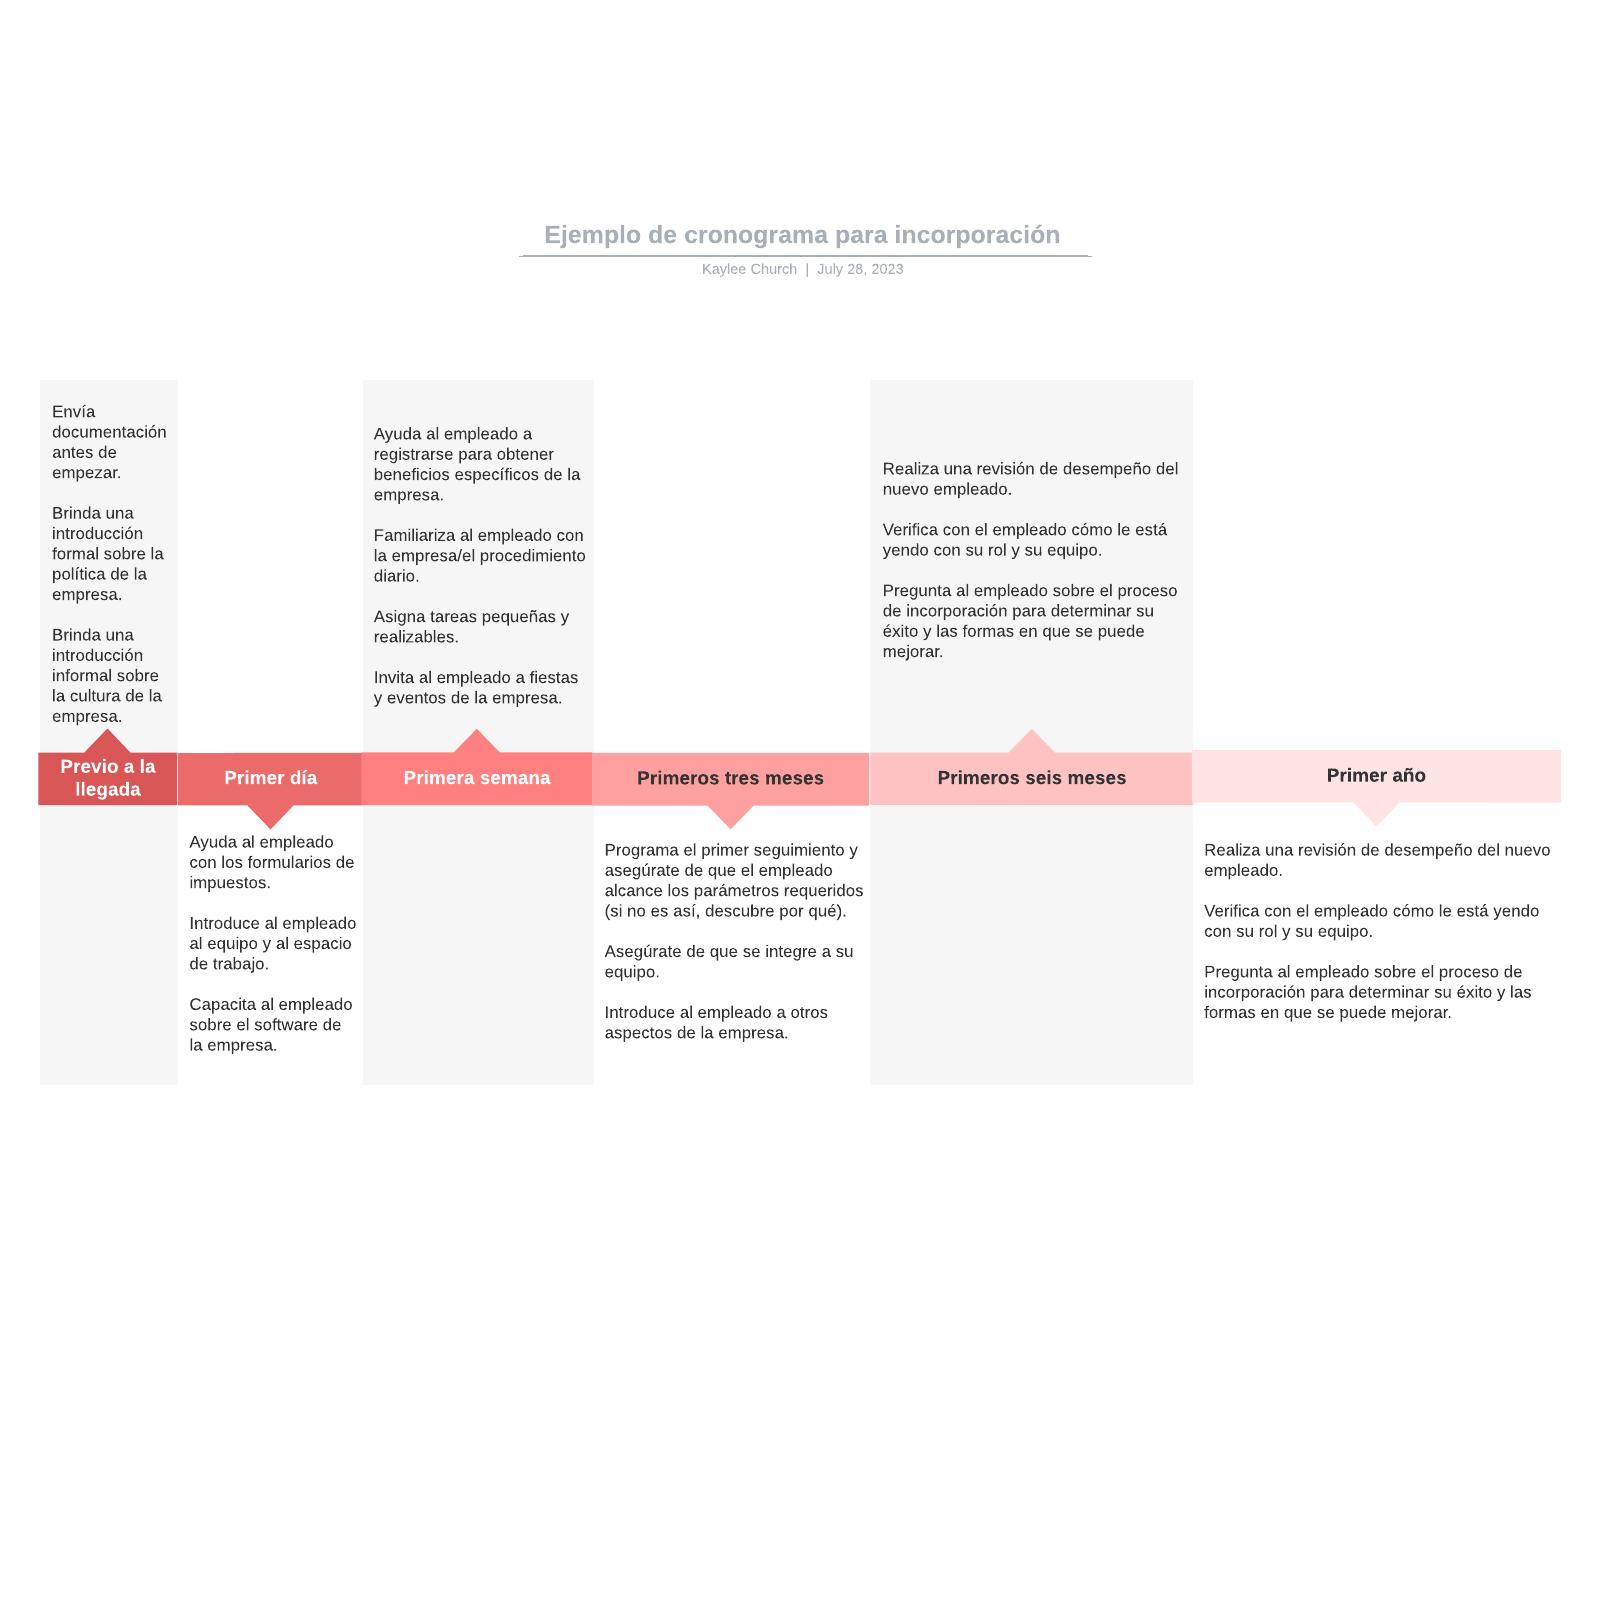 Ejemplo de cronograma para incorporación